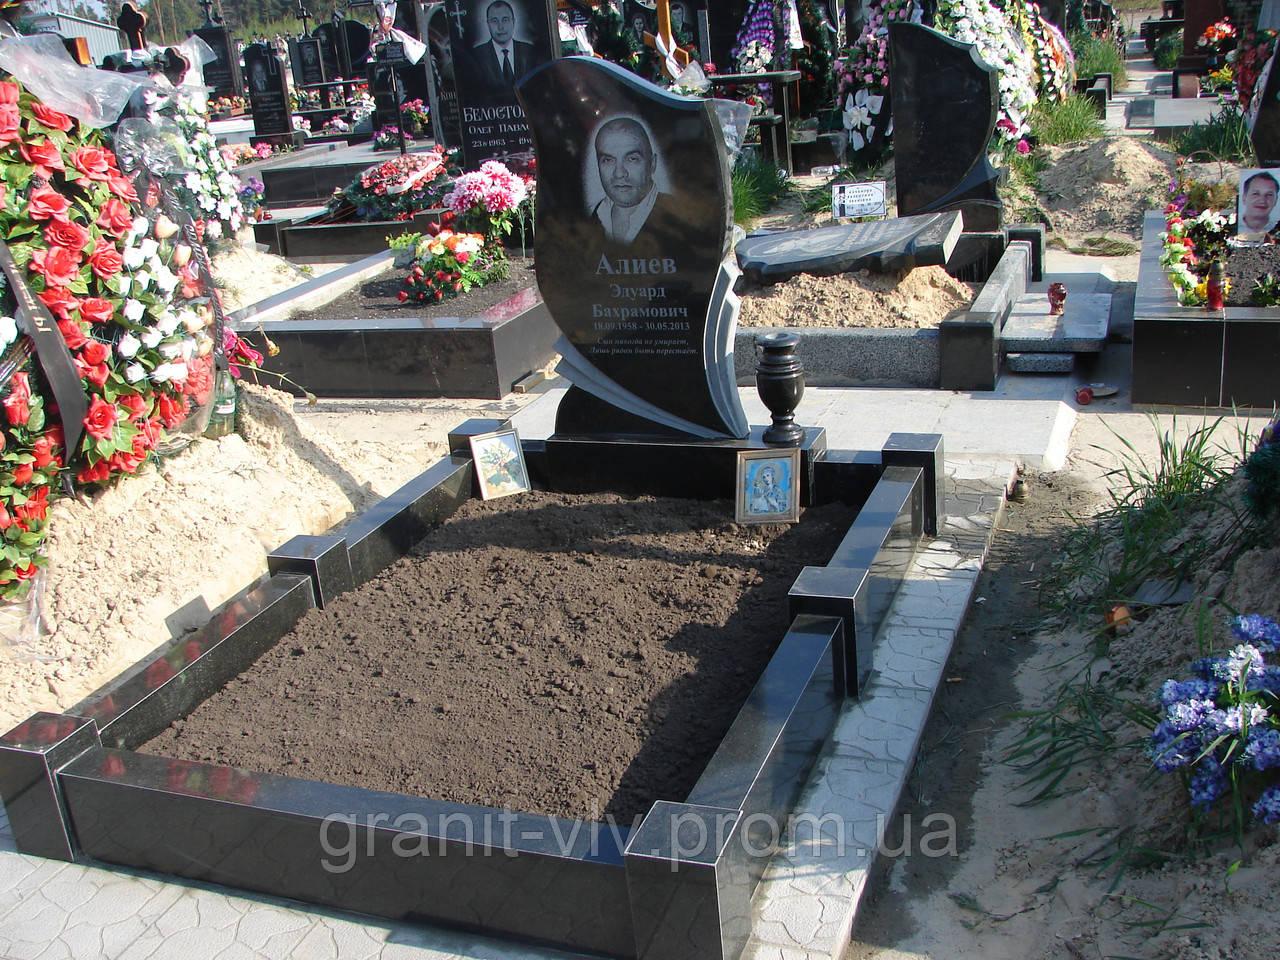 Памятник на могилу цены северное кладбище памятники из гранита в ростове оренбурге